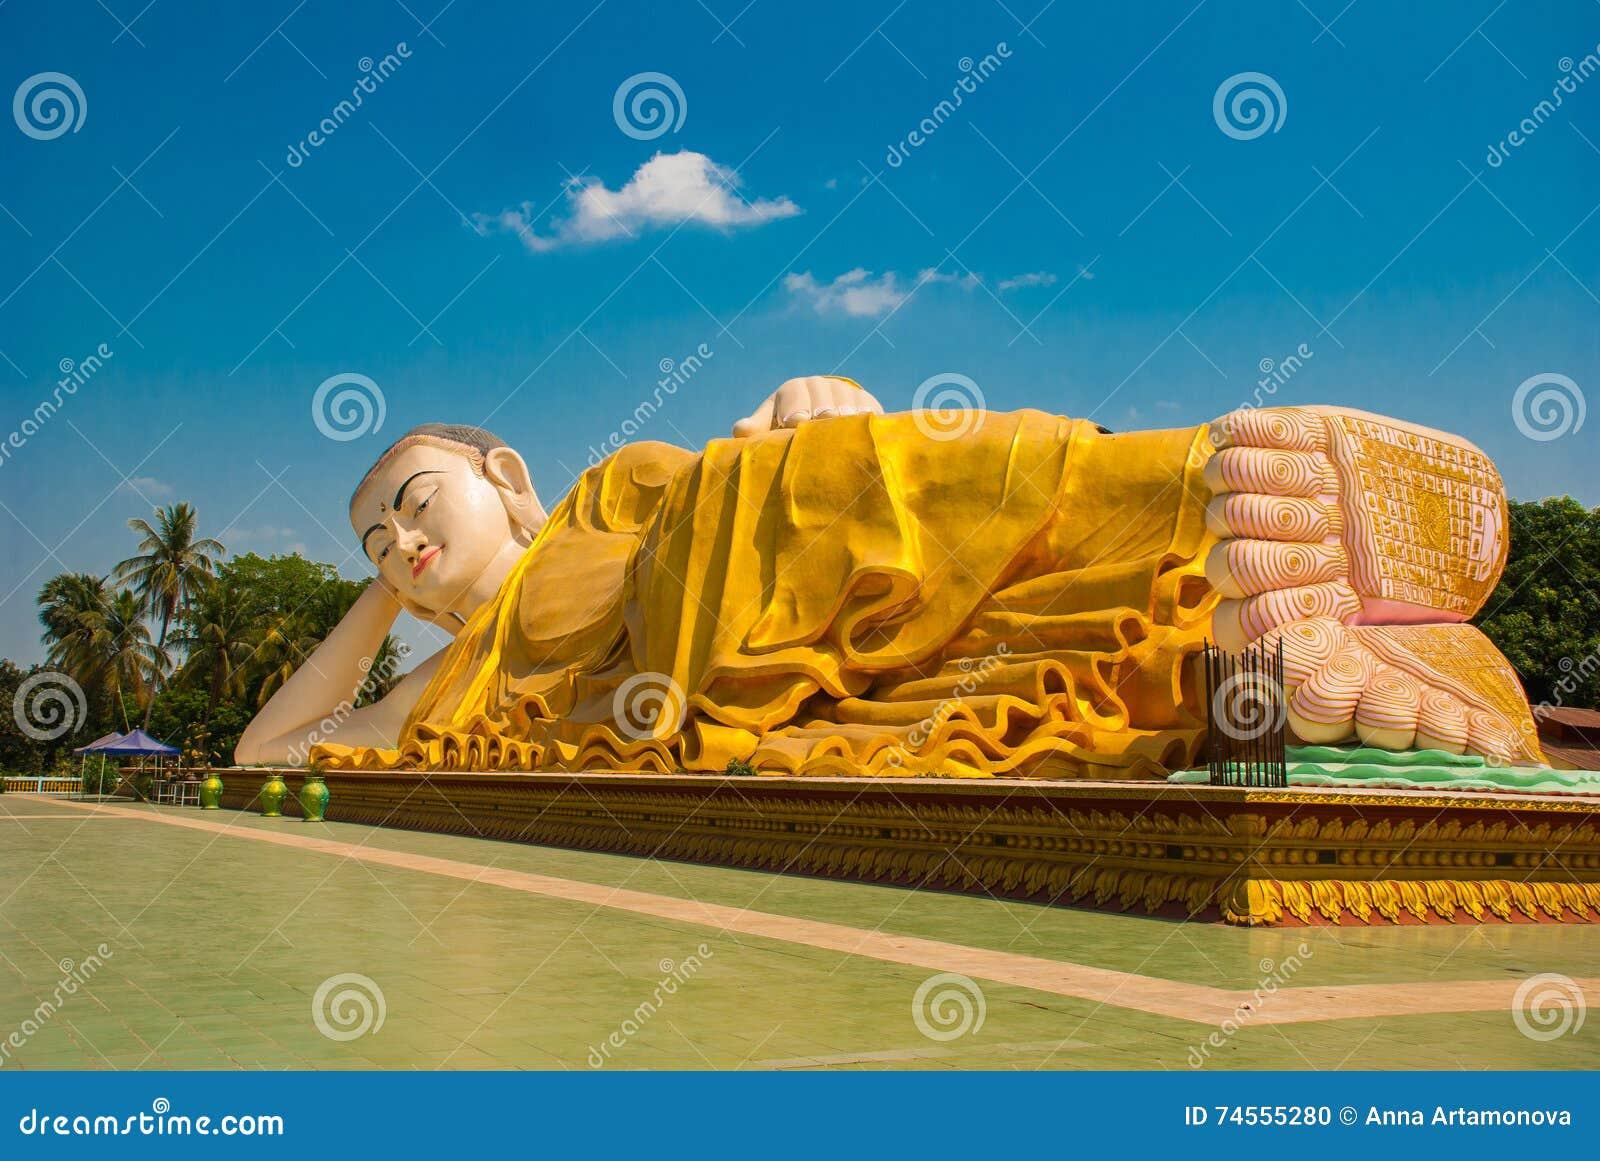 脚的鞋底 砂海螂Tha Lyaung斜倚的菩萨 Bago Myanma 缅甸